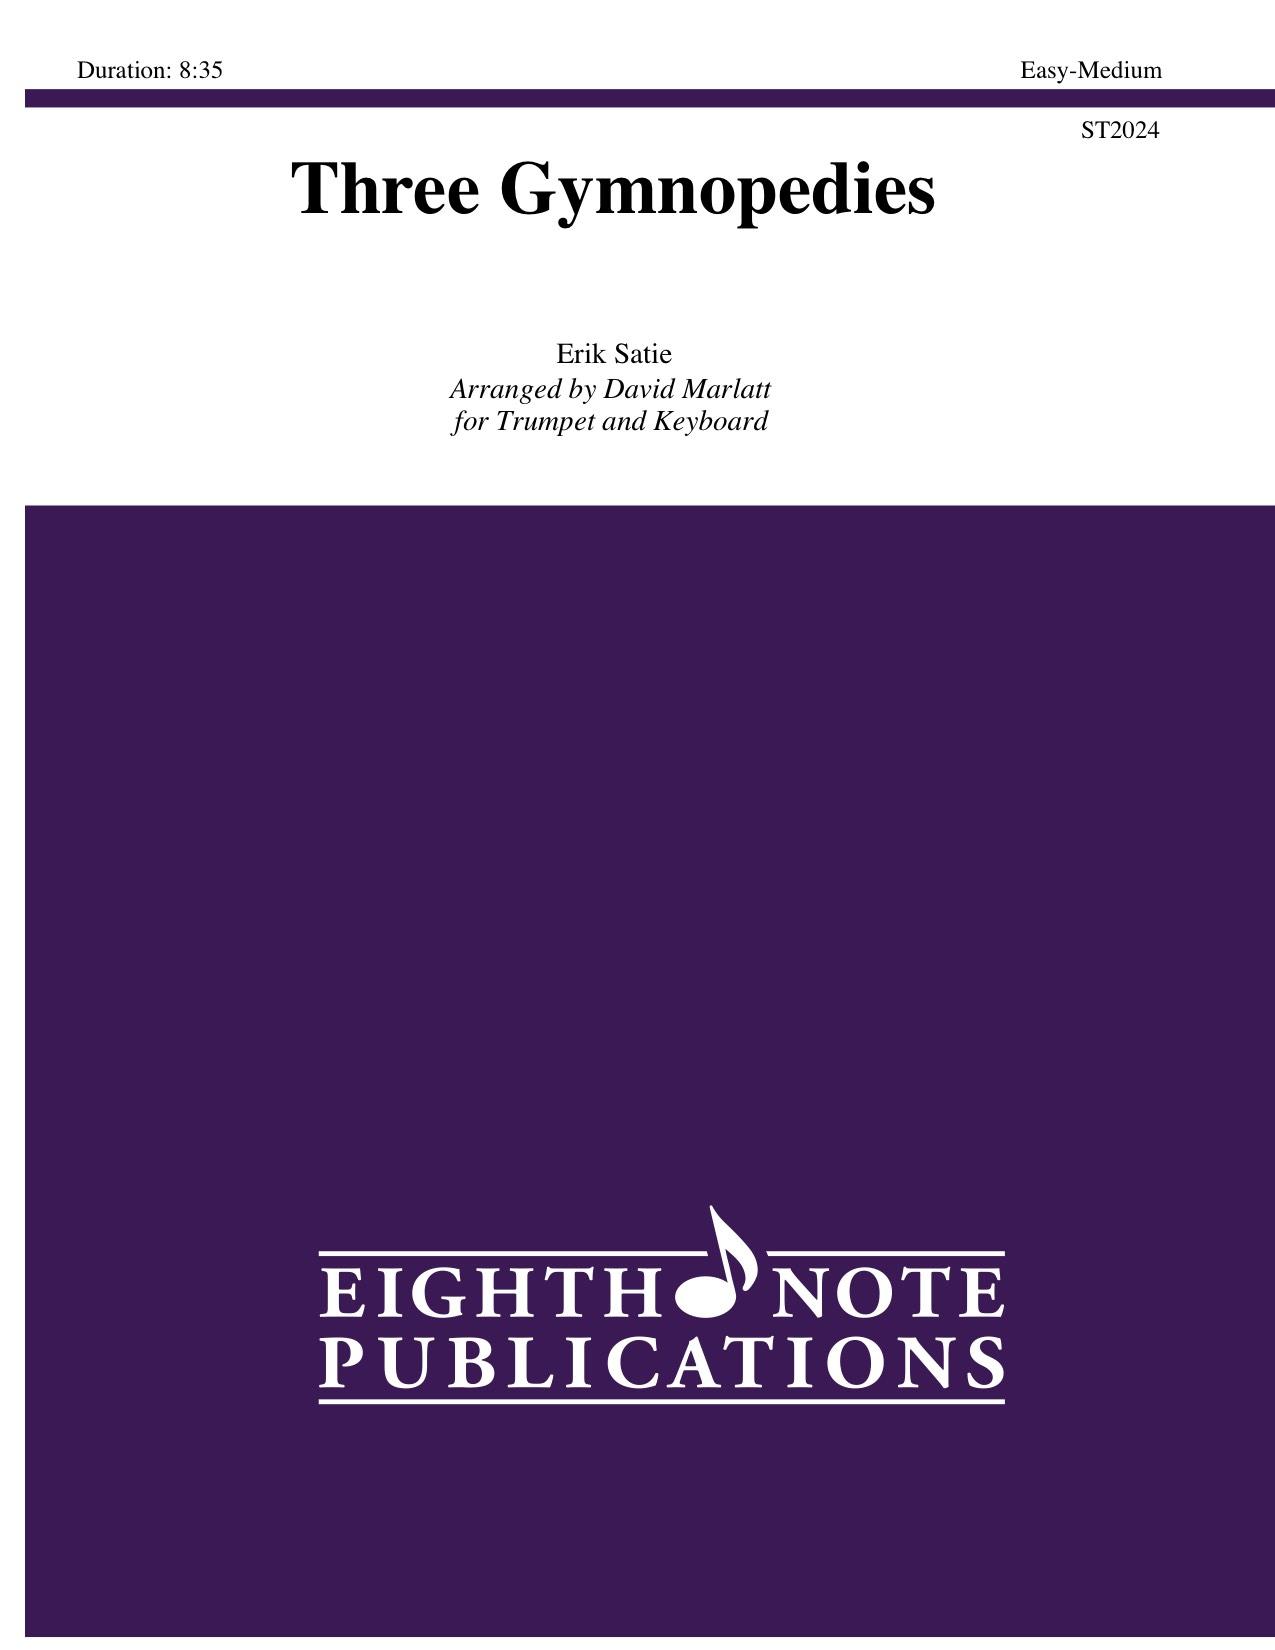 Three Gymnopedies  - Erik Satie